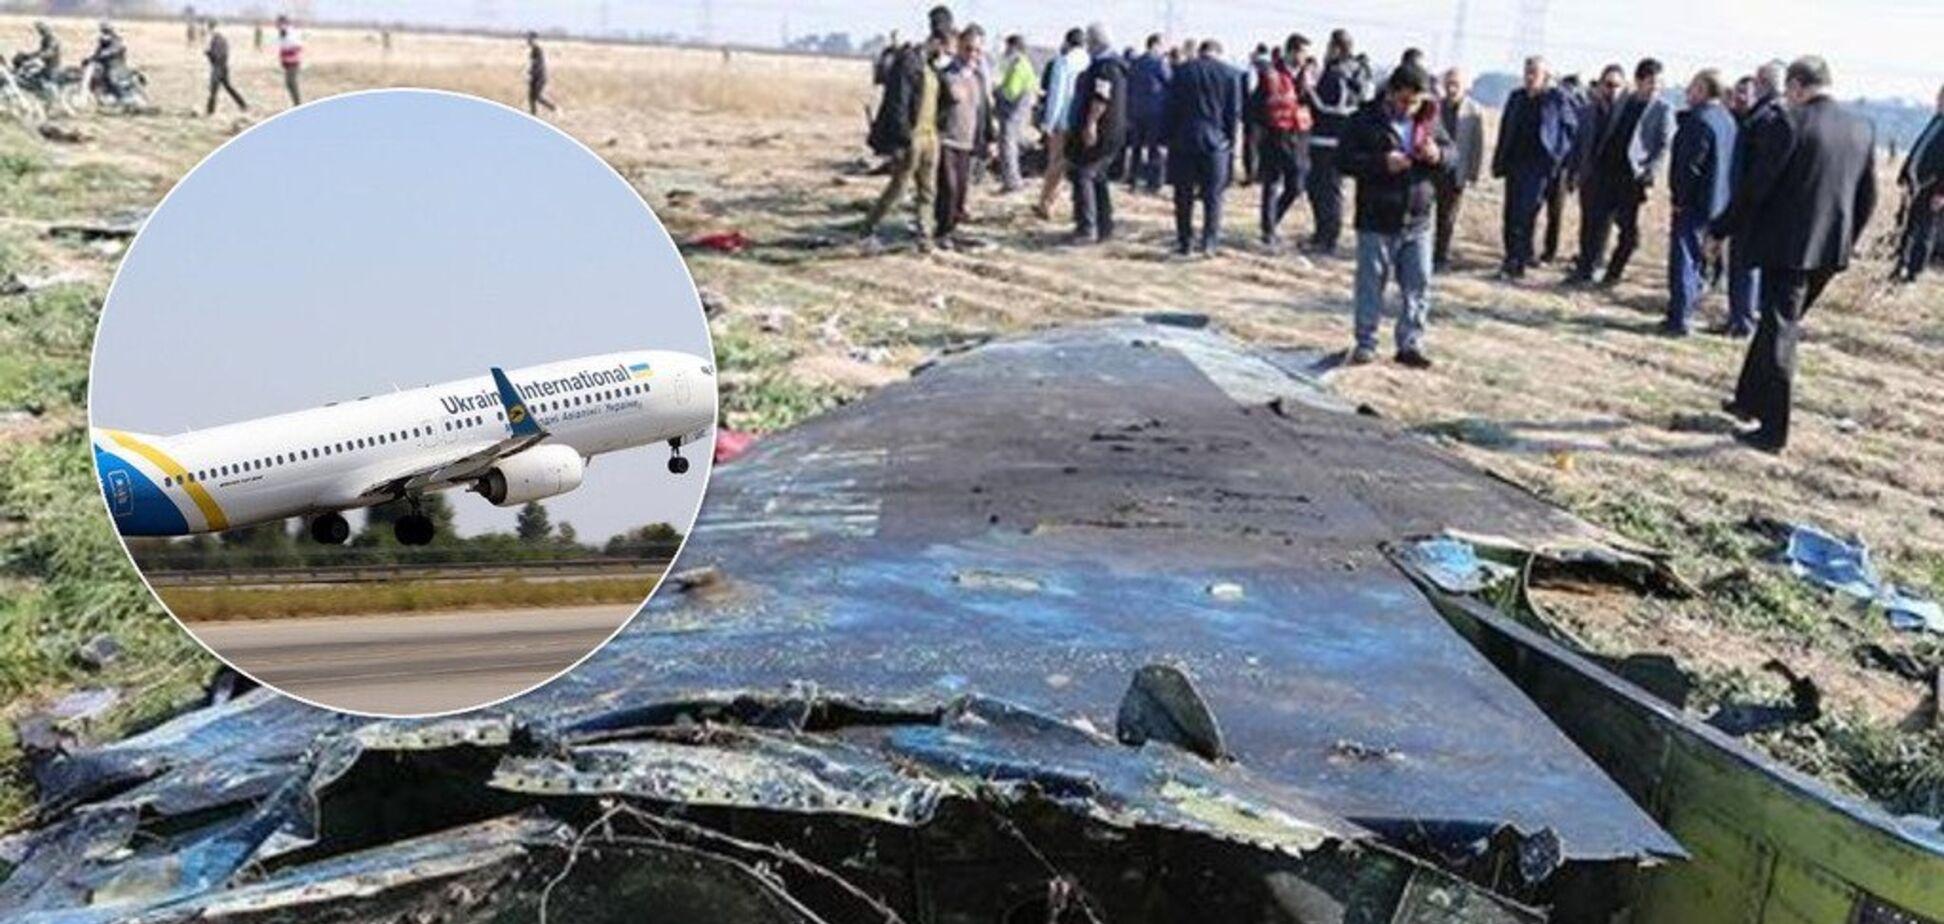 Украинские авиакомпании начали массово проверять: безопасно ли летать и в чем причина крушения